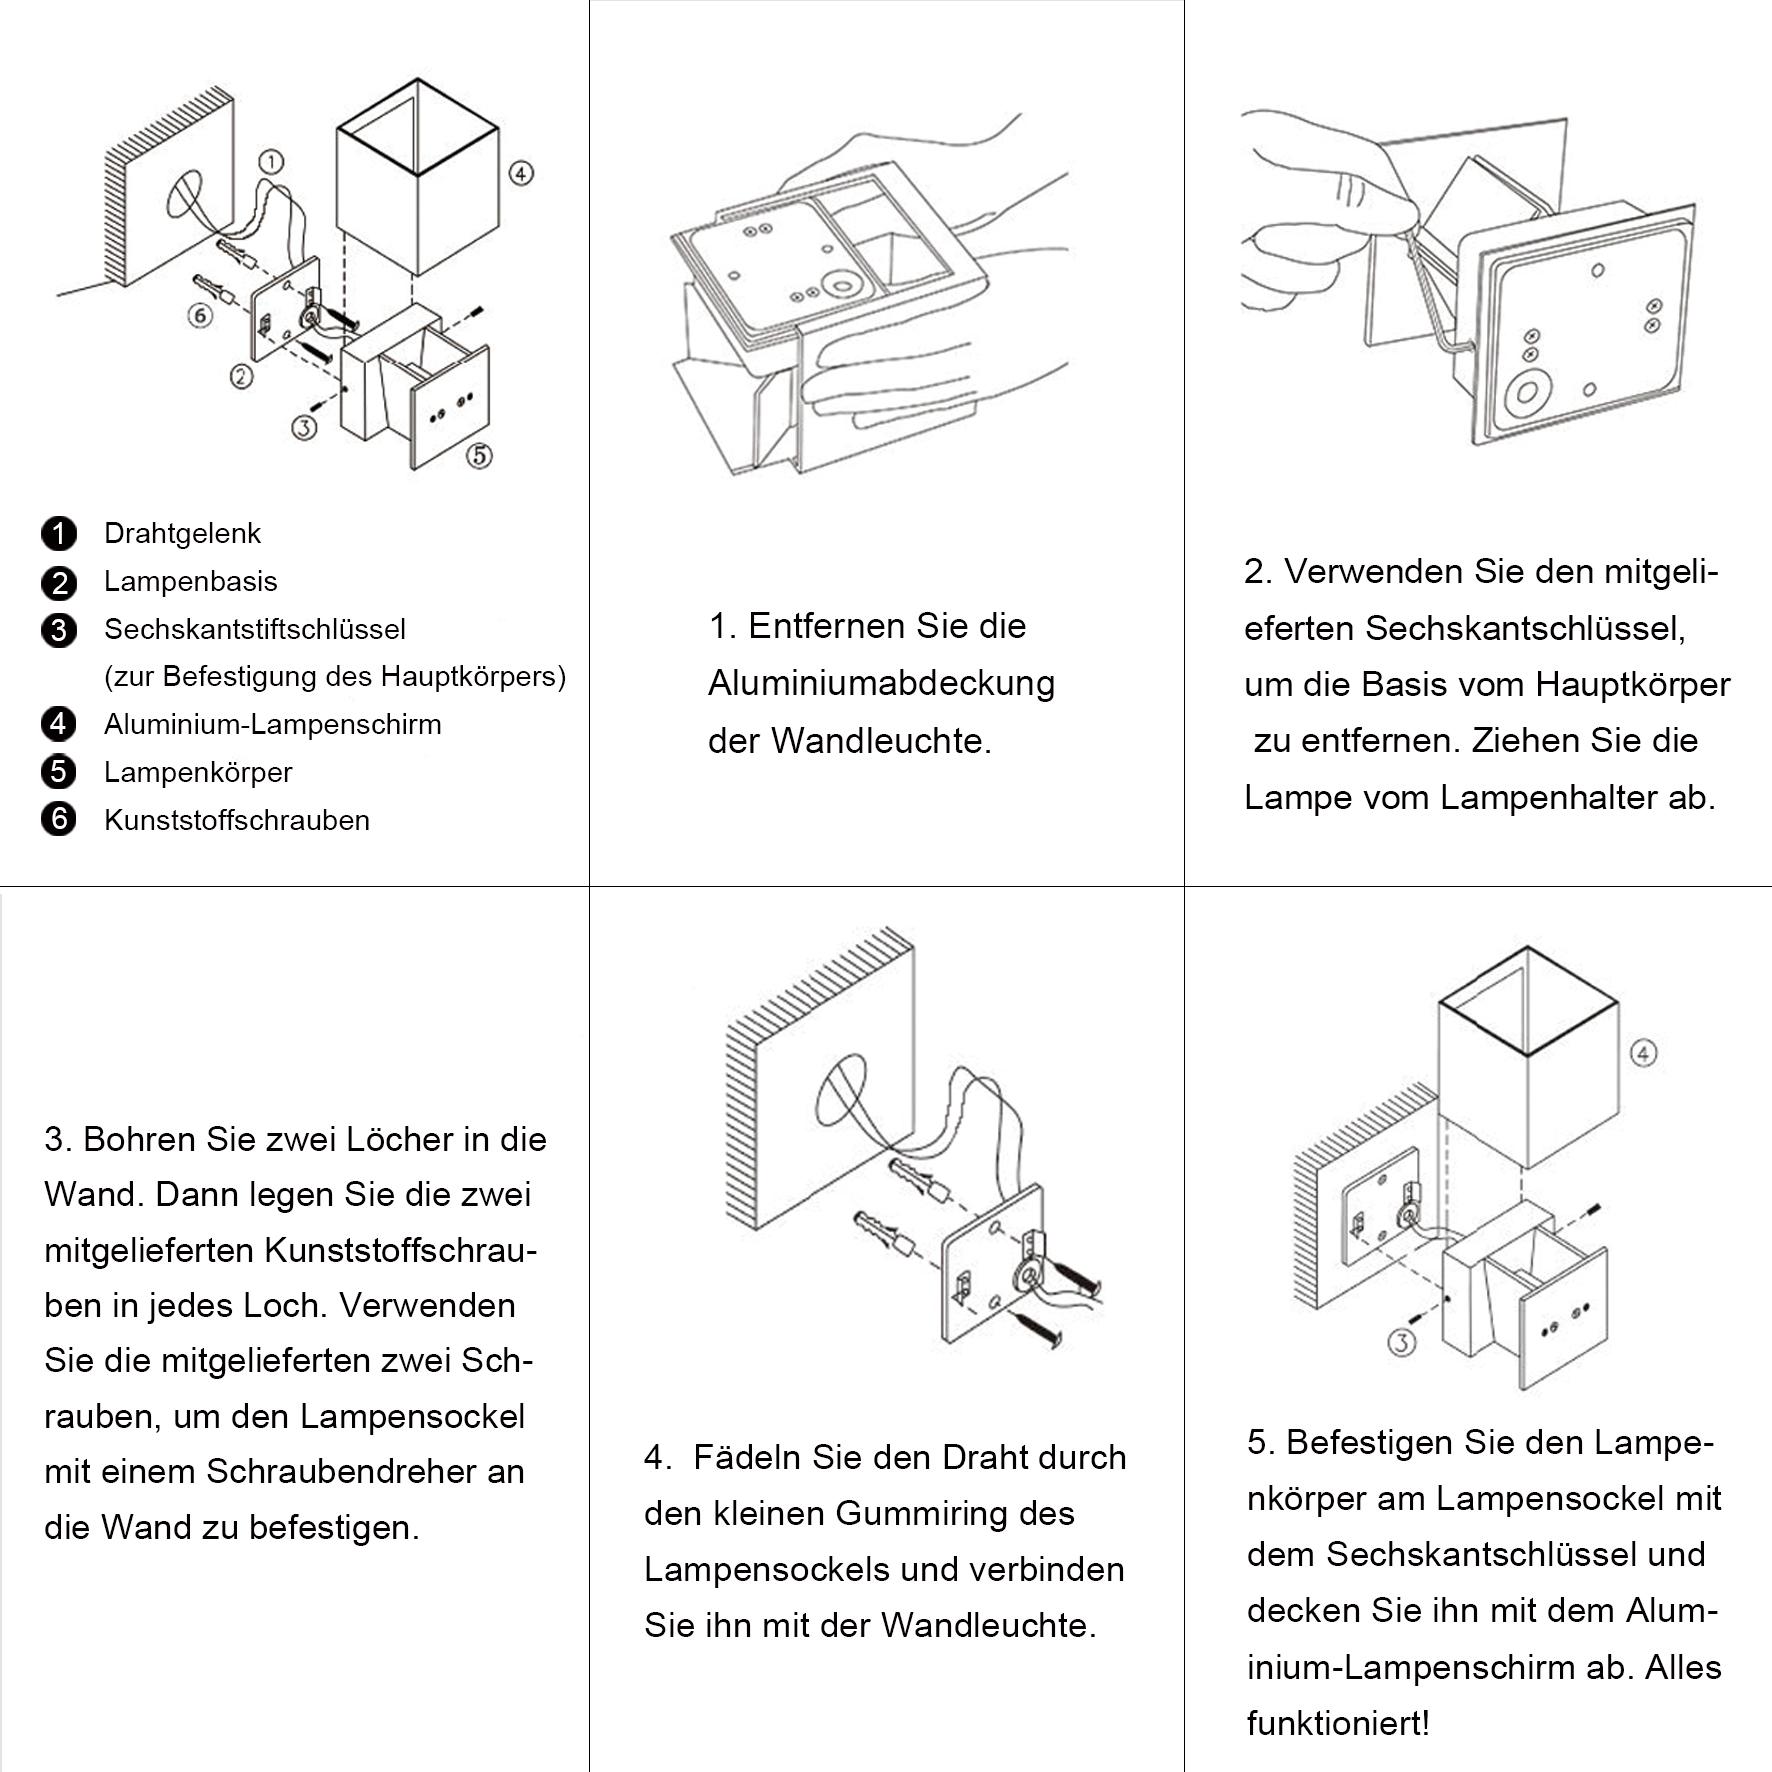 Großartig 4 Draht Anhängerstecker Galerie - Der Schaltplan ...